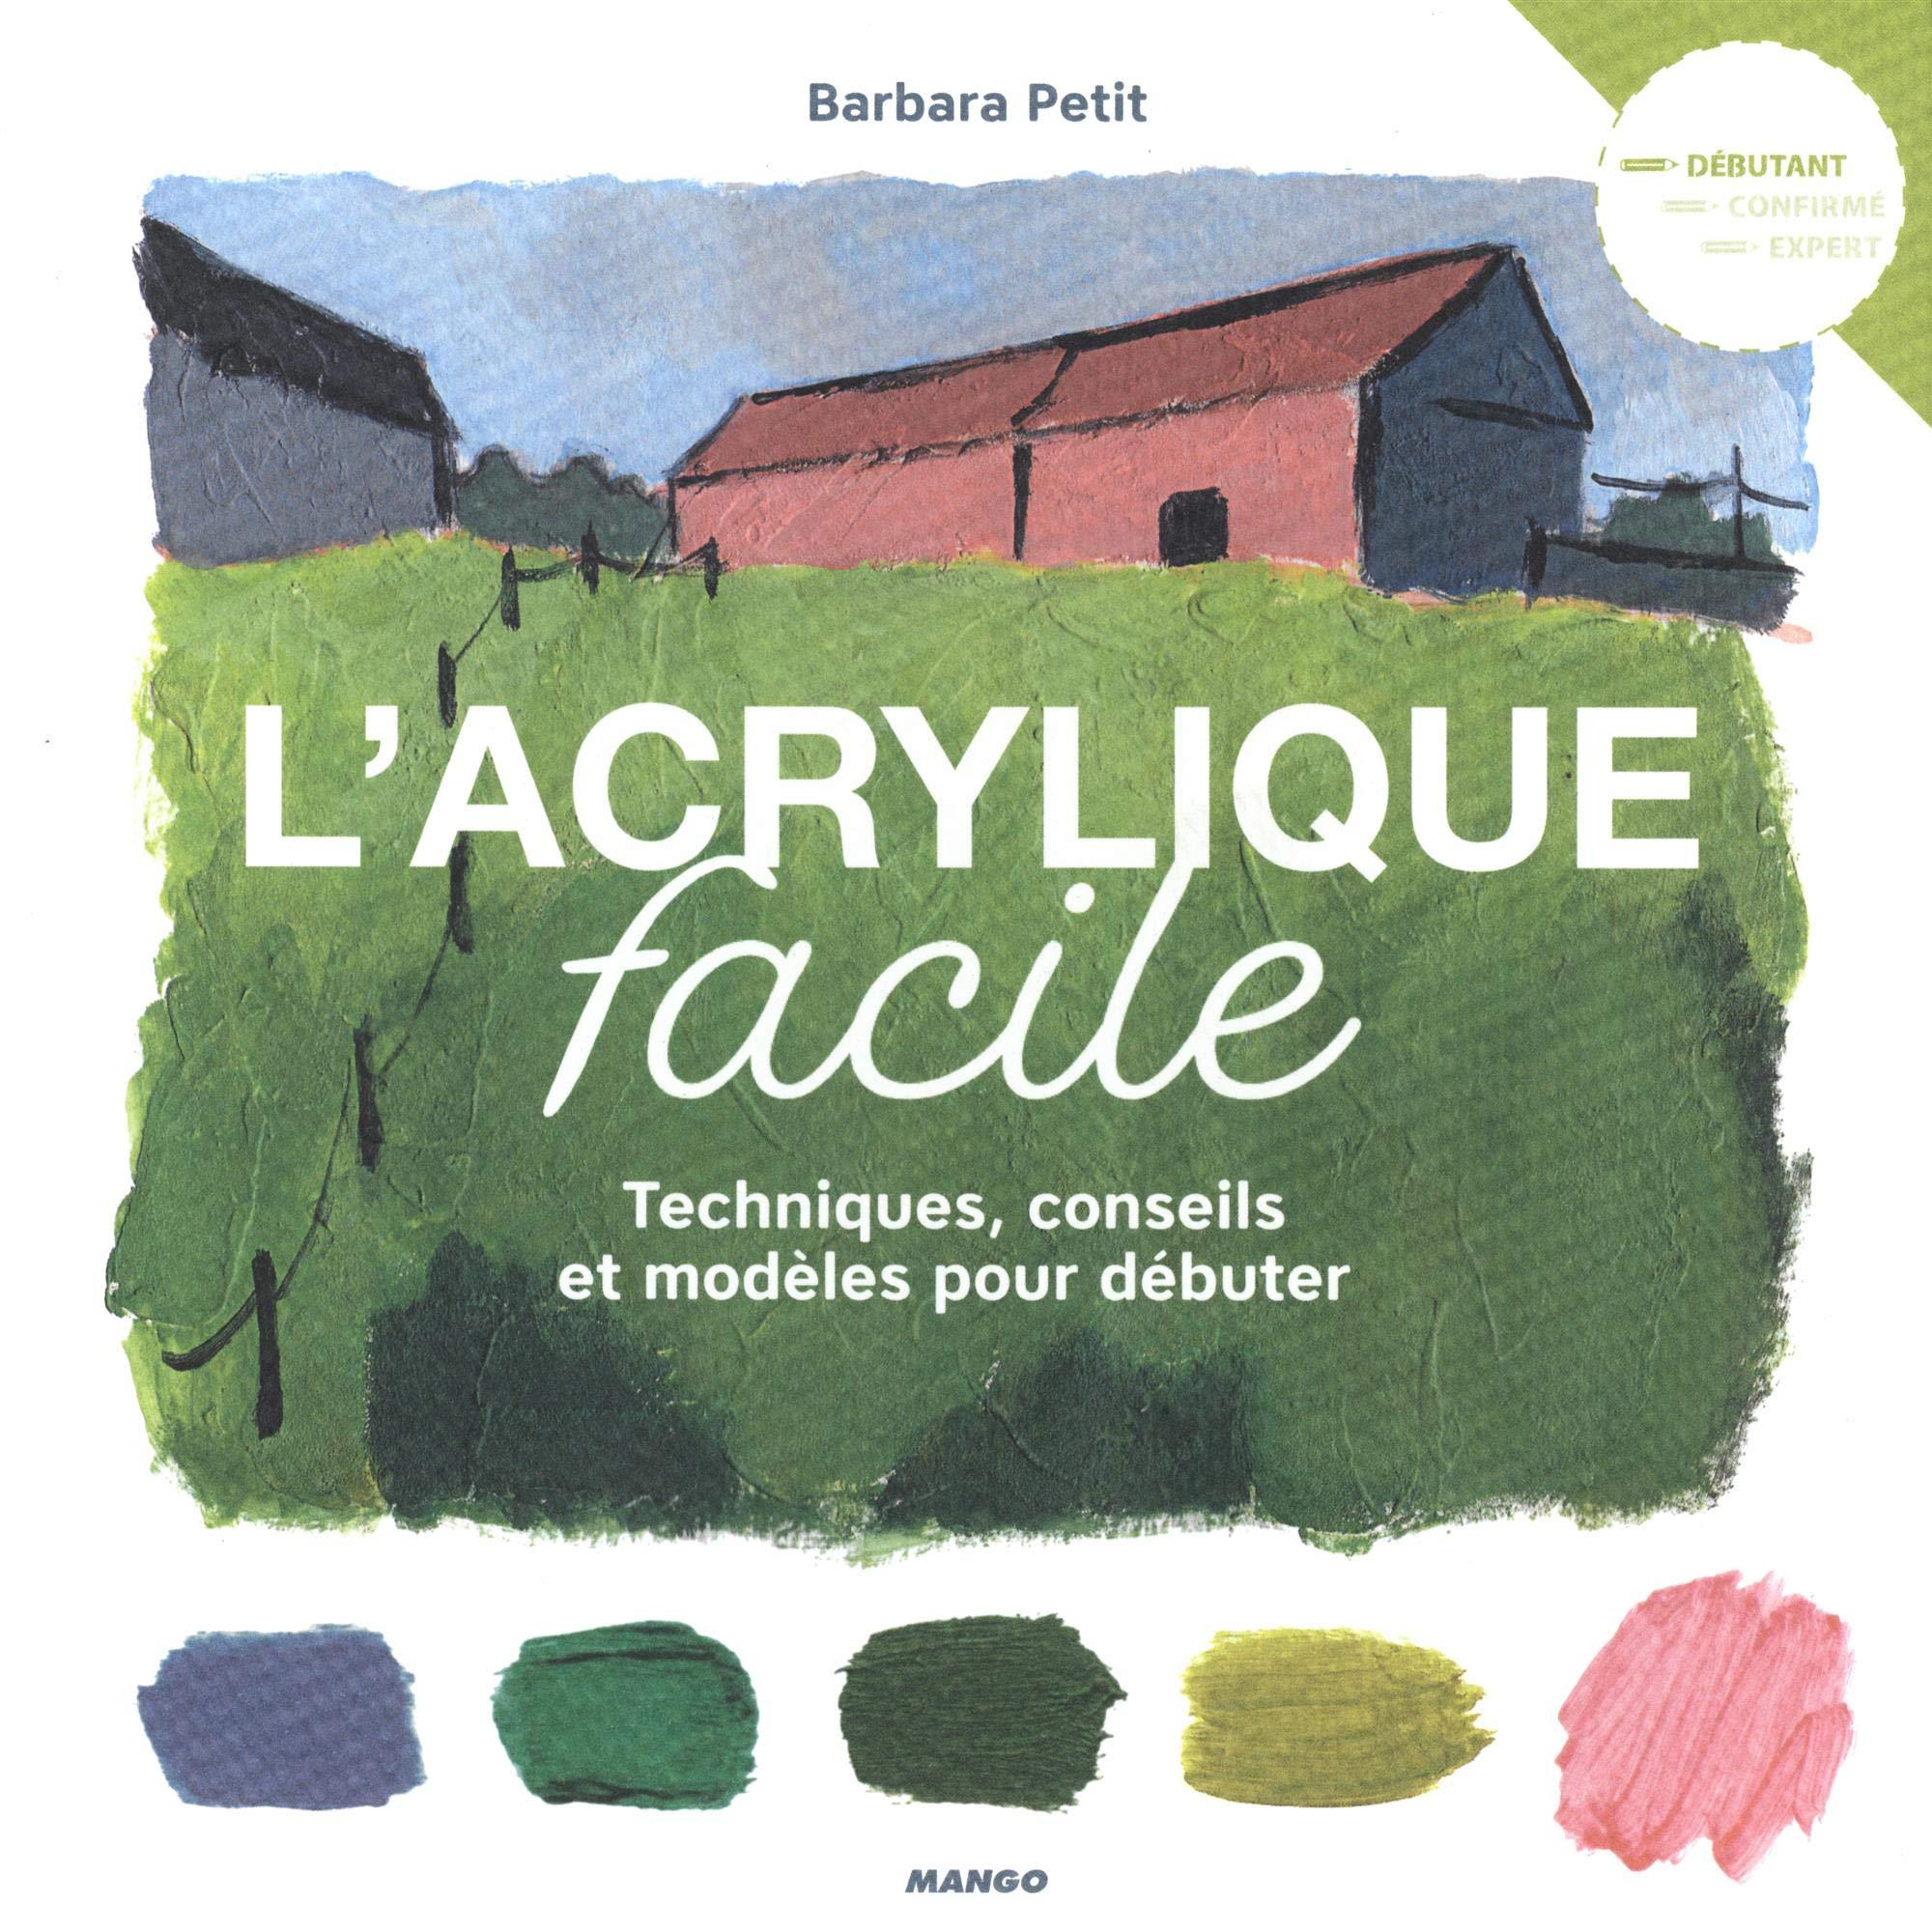 Lacrylique Facile Techniques Conseils Et Modèles Pour Débuter